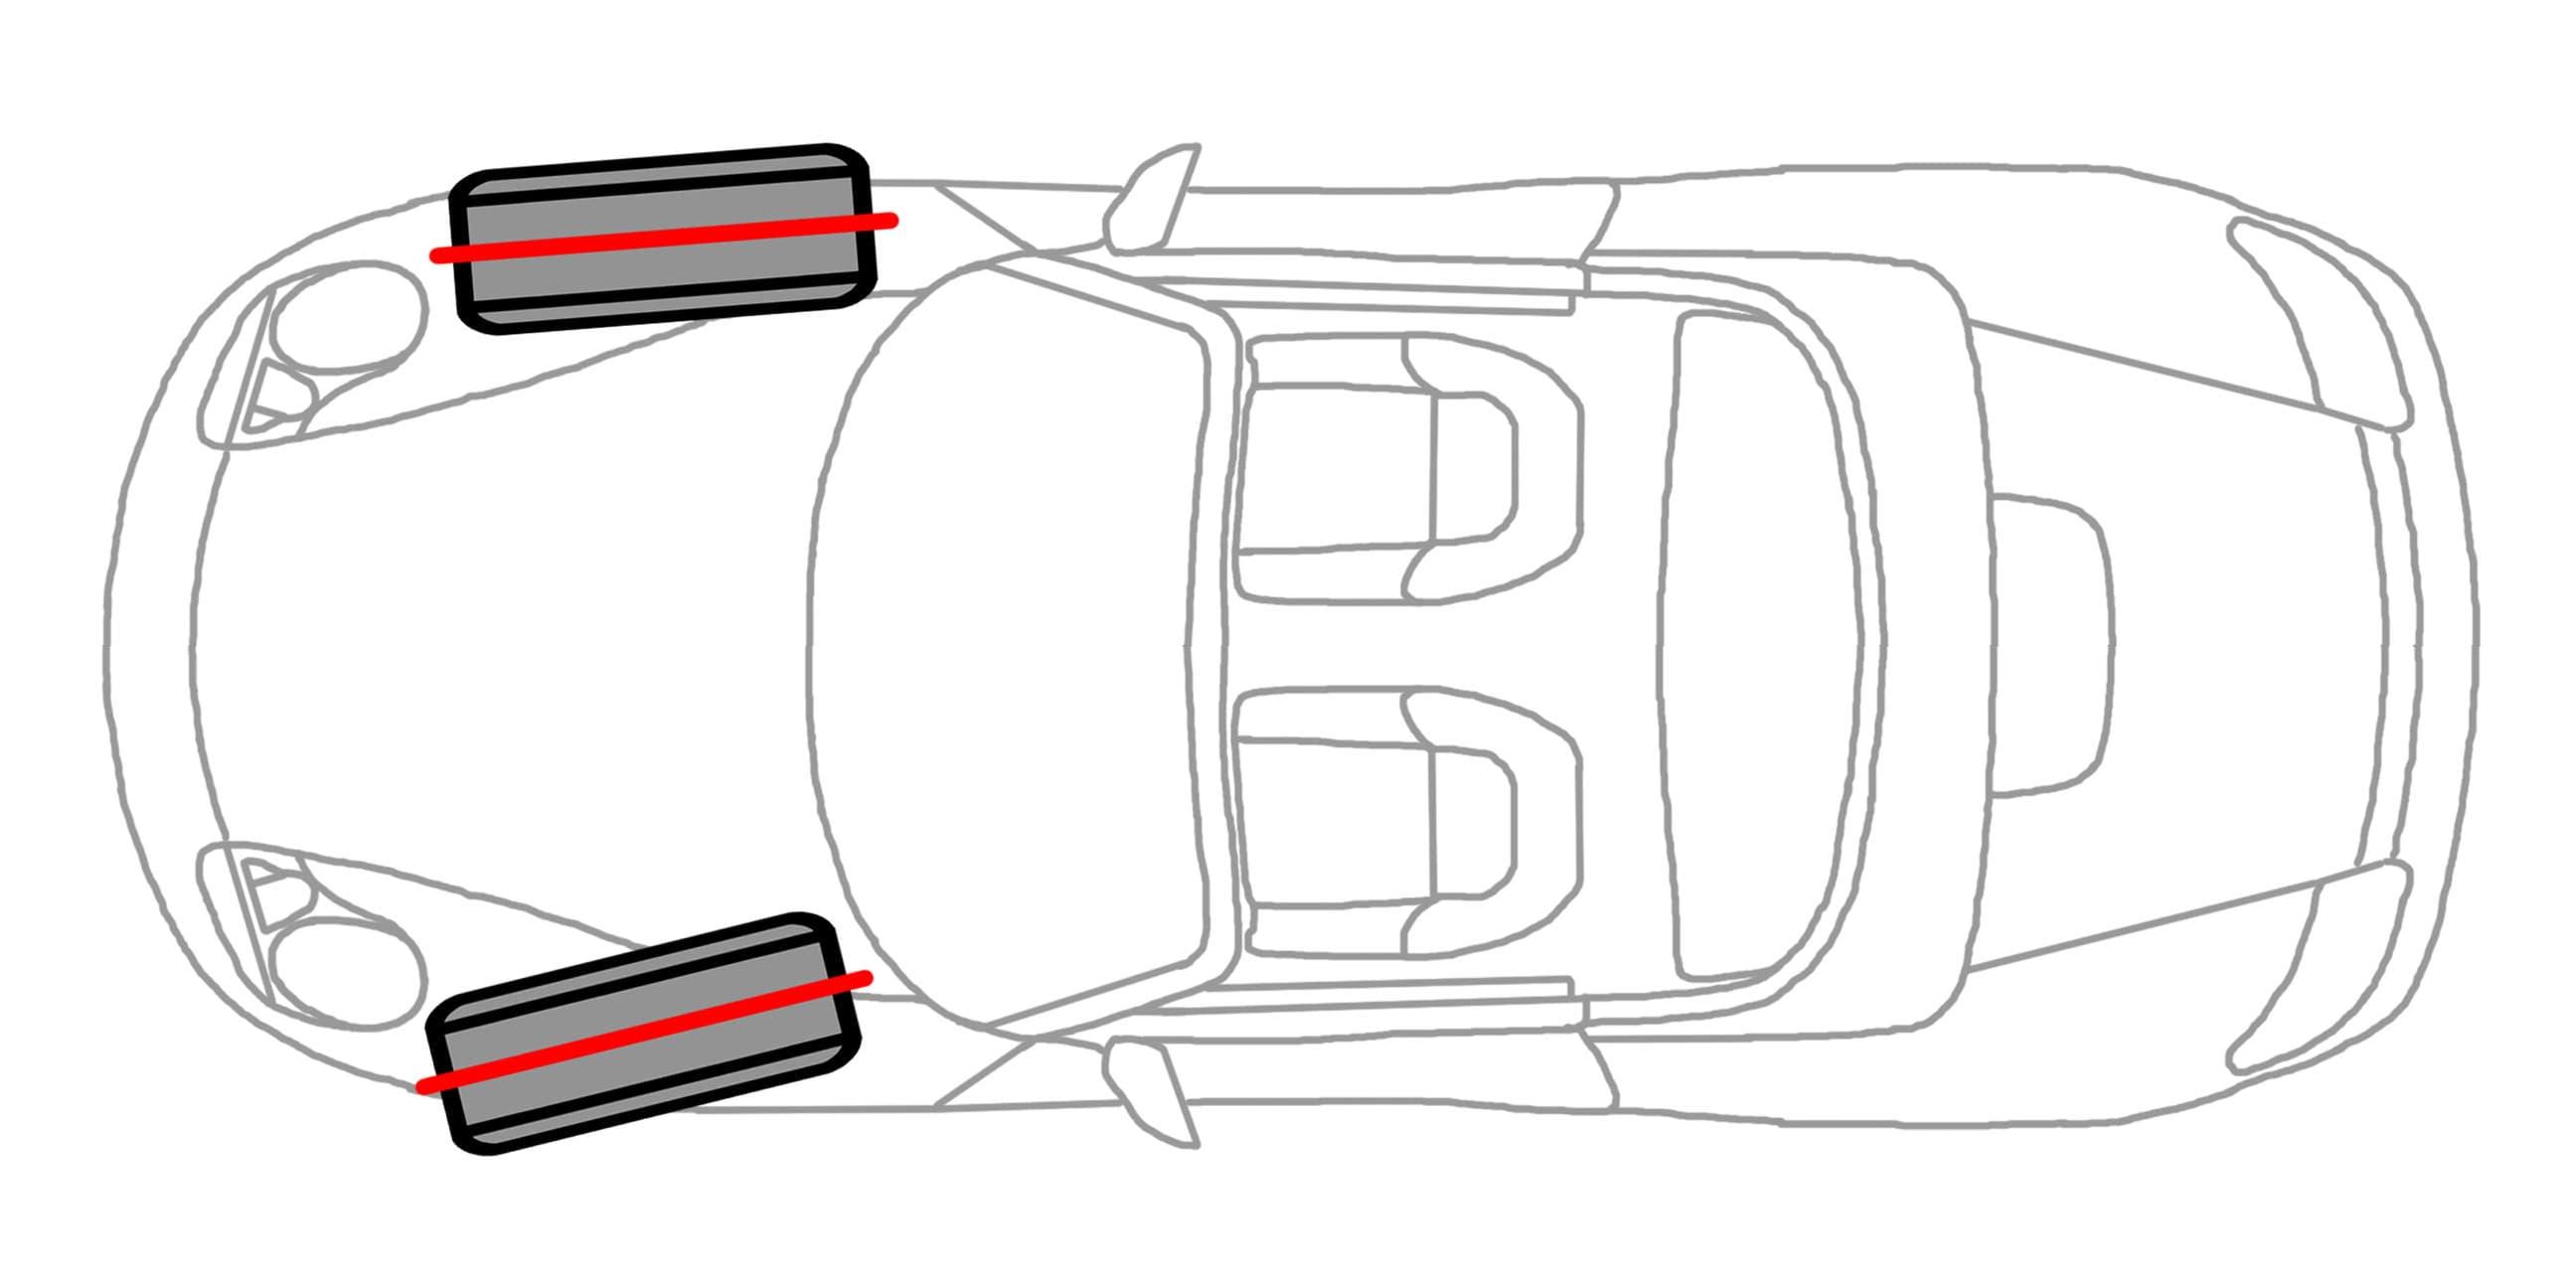 Porsche Boxster Alignment Principles 986 987 1997 08